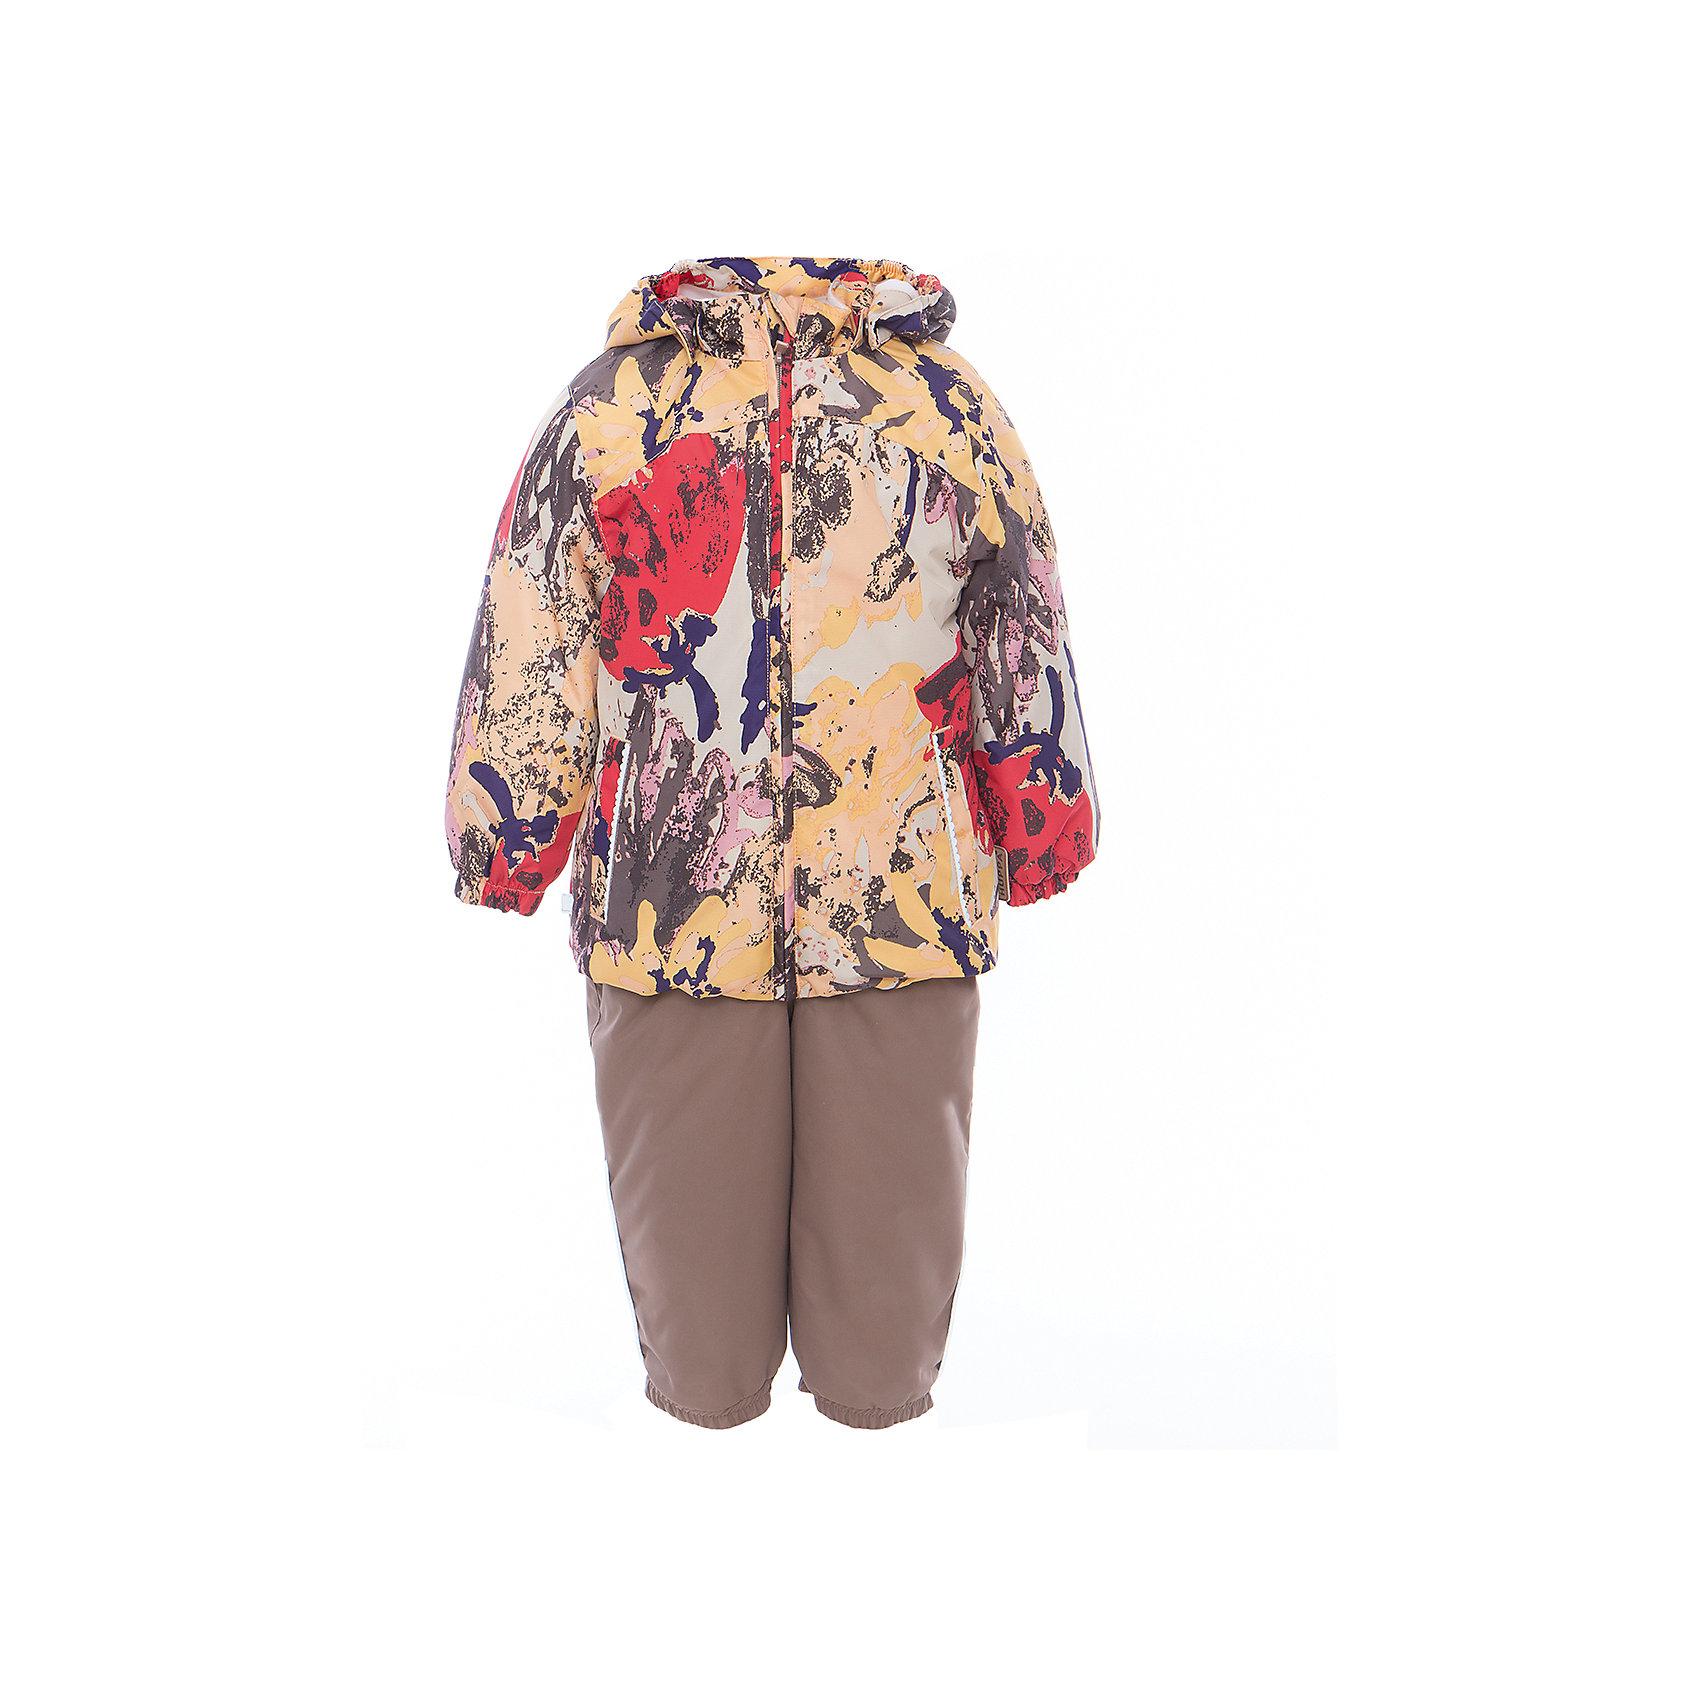 Комплект: куртка и полукомбинезон для девочки CLARA HuppaКомплекты<br>Характеристики товара:<br><br>• цвет: золотой принт/бежевый<br>• комплектация: куртка и полукомбинезон <br>• ткань: 100% полиэстер<br>• подкладка: Coral-fleece смесь хлопка и полиэстера, в рукавах - тафта 100% полиэстер<br>• утеплитель: 100% полиэстер; куртка 100 г, полукомбинезон 40 г<br>• температурный режим: от -5°С до +10°С<br>• водонепроницаемость: верх - 5000 мм, низ - 10000 мм<br>• воздухопроницаемость: верх - 5000 мм, низ - 10000 мм<br>• светоотражающие детали<br>• шов сидения проклеен<br>• съёмный капюшон с резинкой<br>• эластичные манжеты на рукавах<br>• манжеты брюк с резинкой<br>• съёмные эластичные штрипки<br>• без внутренних швов<br>• резиновые подтяжки<br>• коллекция: весна-лето 2017<br>• страна бренда: Эстония<br><br>Такой модный демисезонный комплект  обеспечит детям тепло и комфорт. Он сделан из материала, отталкивающего воду, и дополнен подкладкой с утеплителем, поэтому изделие идеально подходит для межсезонья. Материал изделий - с мембранной технологией: защищая от влаги и ветра, он легко выводит лишнюю влагу наружу. Комплект очень симпатично смотрится. <br><br>Одежда и обувь от популярного эстонского бренда Huppa - отличный вариант одеть ребенка можно и комфортно. Вещи, выпускаемые компанией, качественные, продуманные и очень удобные. Для производства изделий используются только безопасные для детей материалы. Продукция от Huppa порадует и детей, и их родителей!<br><br>Комплект: куртка и полукомбинезон CLARA от бренда Huppa (Хуппа) можно купить в нашем интернет-магазине.<br><br>Ширина мм: 356<br>Глубина мм: 10<br>Высота мм: 245<br>Вес г: 519<br>Цвет: желтый<br>Возраст от месяцев: 48<br>Возраст до месяцев: 60<br>Пол: Женский<br>Возраст: Детский<br>Размер: 110,80,86,92,98,104<br>SKU: 5346601